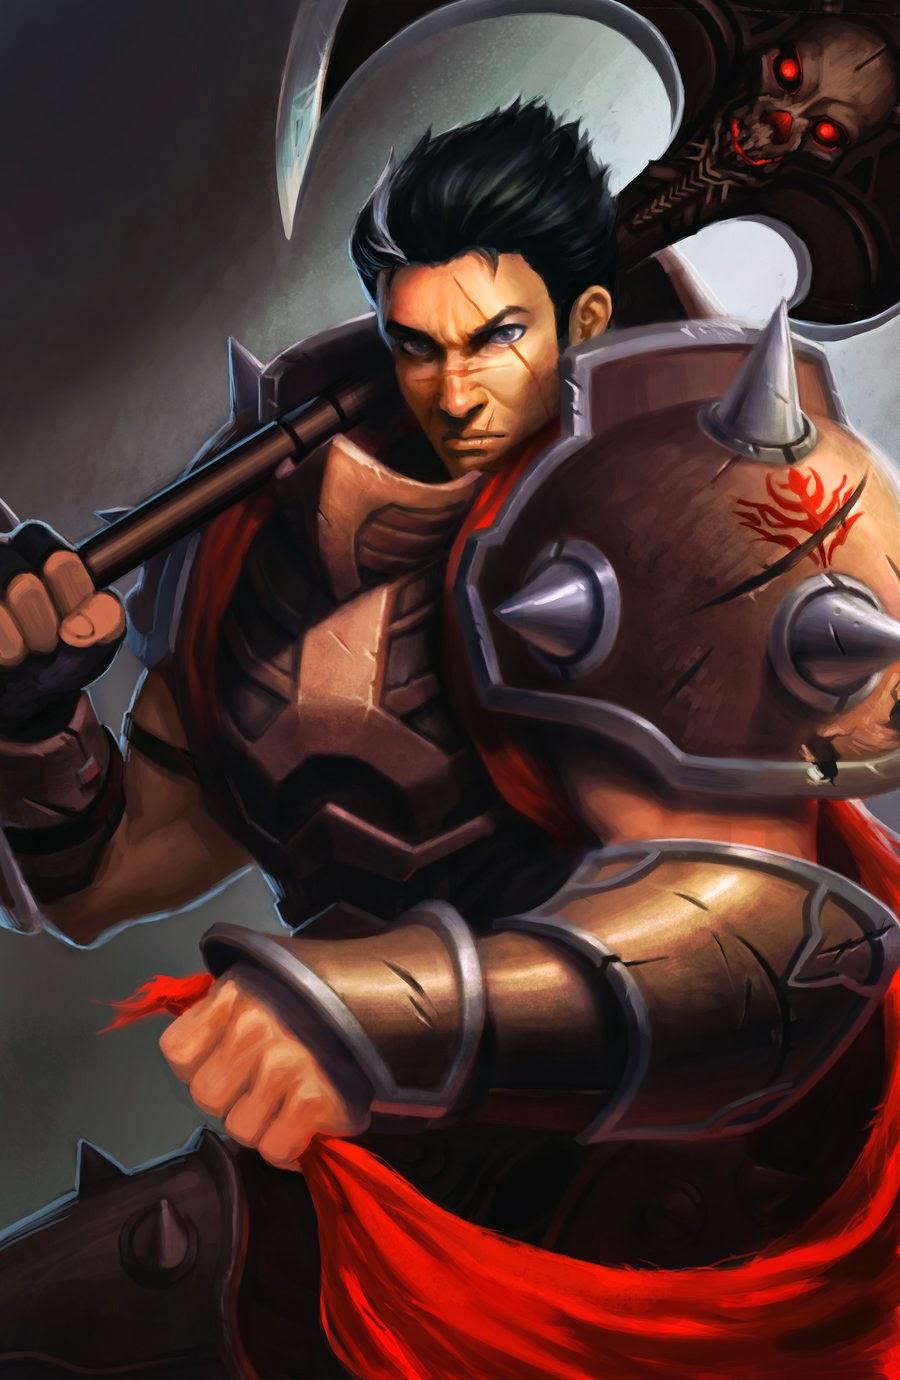 Darius League Of Legends Wallpaper Darius Desktop Wallpaper